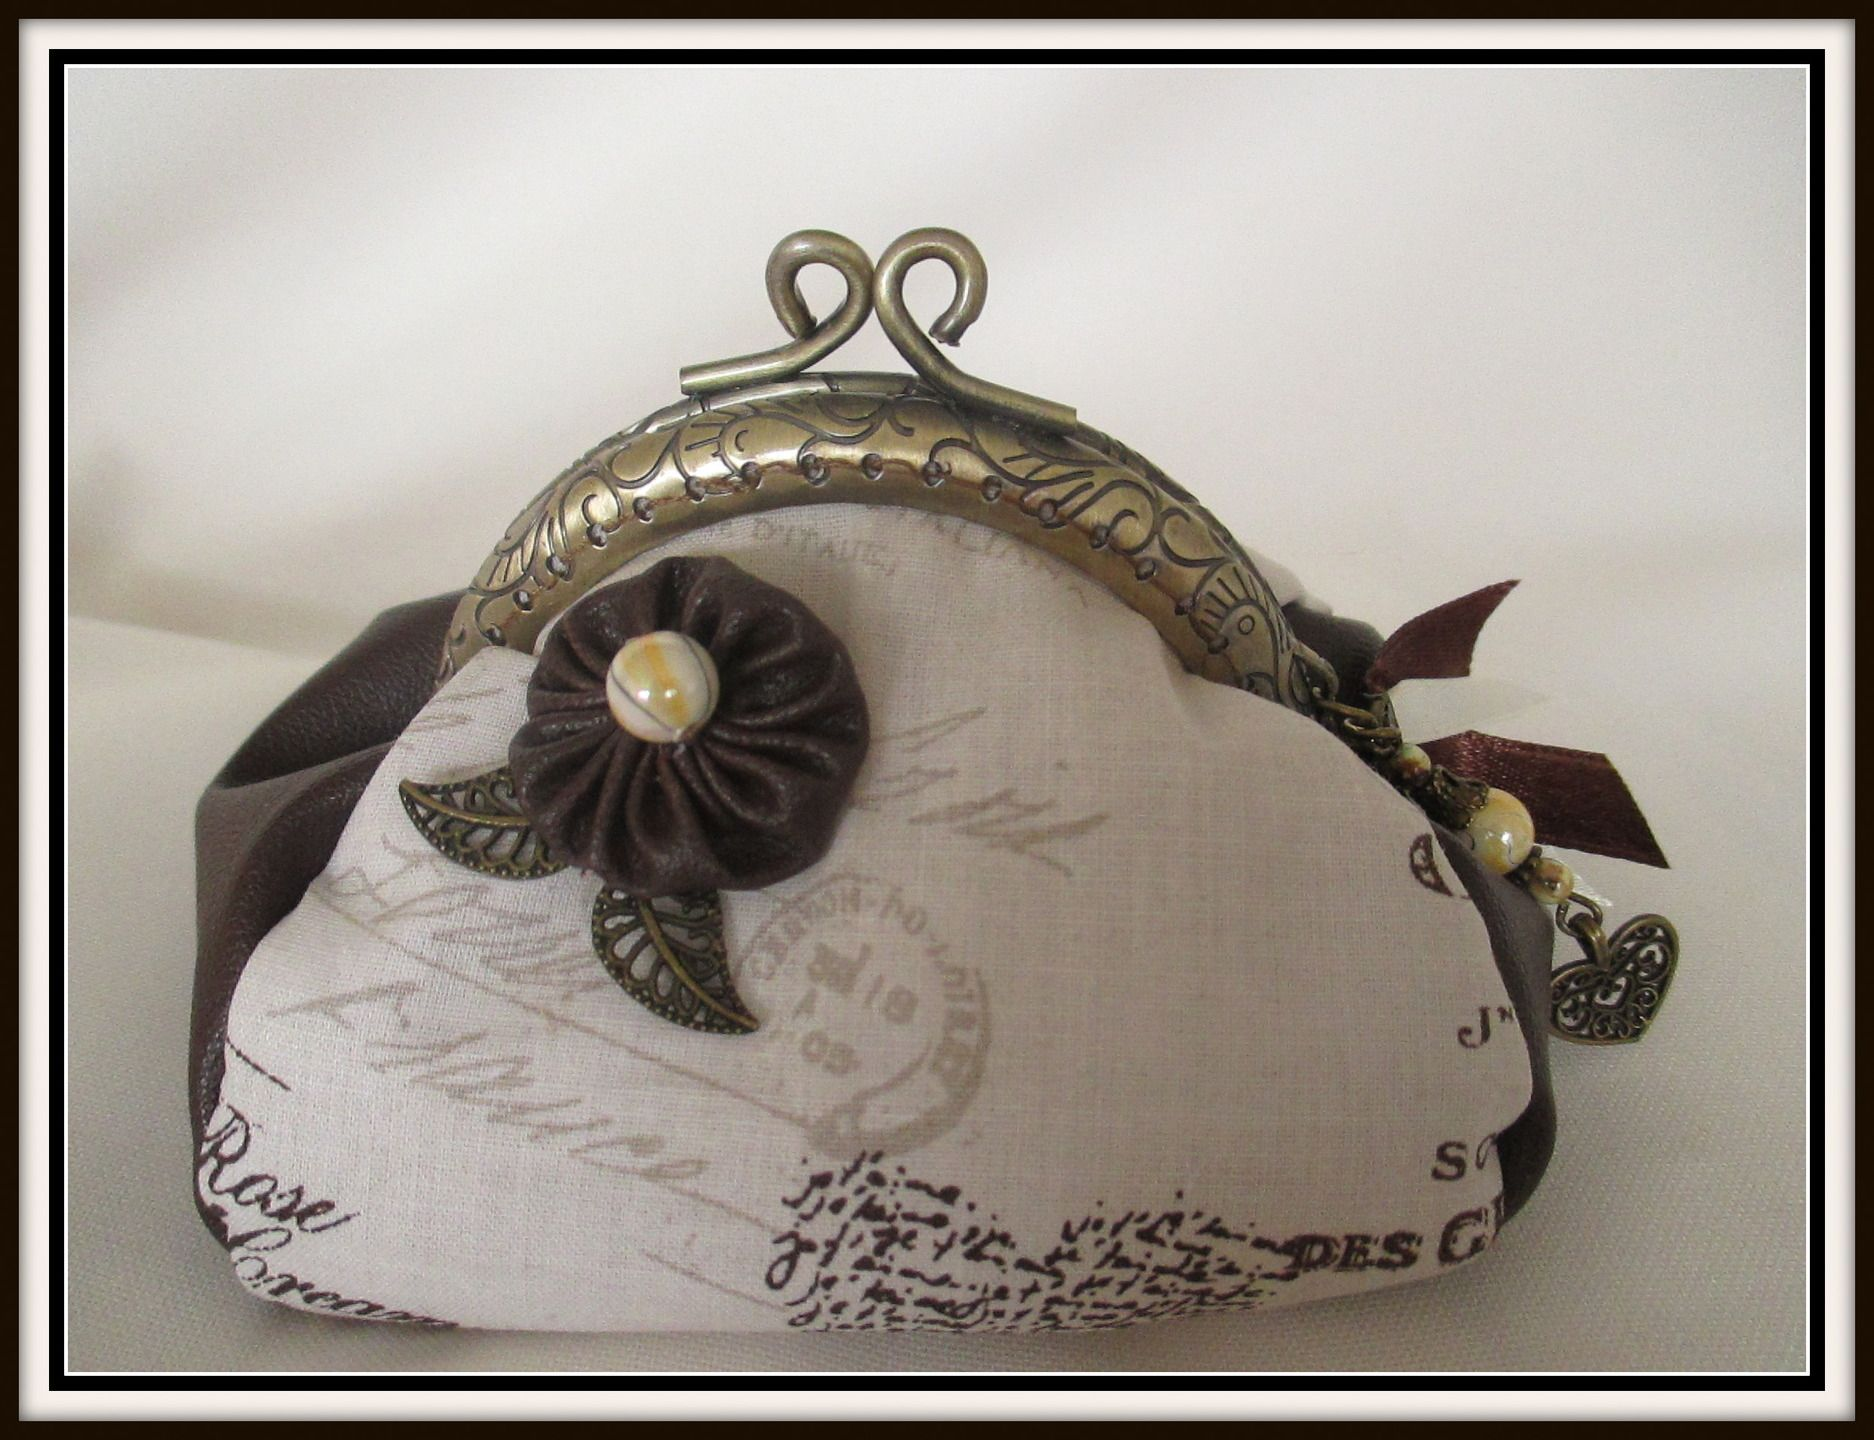 """porte monnaie""""BALADE ROMANTIQUE"""" simili cuir pour les côté fait main : Porte-monnaie, portefeuilles par cricri-fee-creative"""